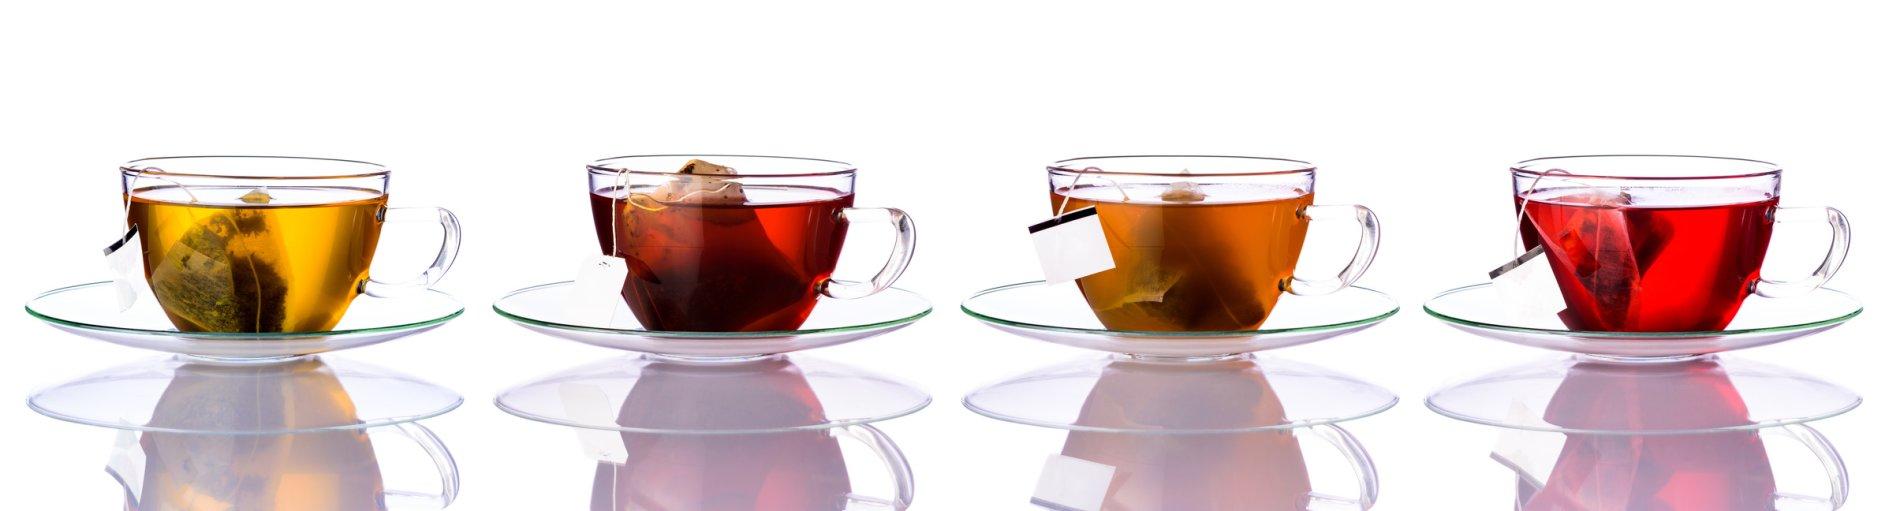 Vier Teegläser sind mit unterschiedlichen Teesorten gefüllt vor einem weißen Hintergrund.